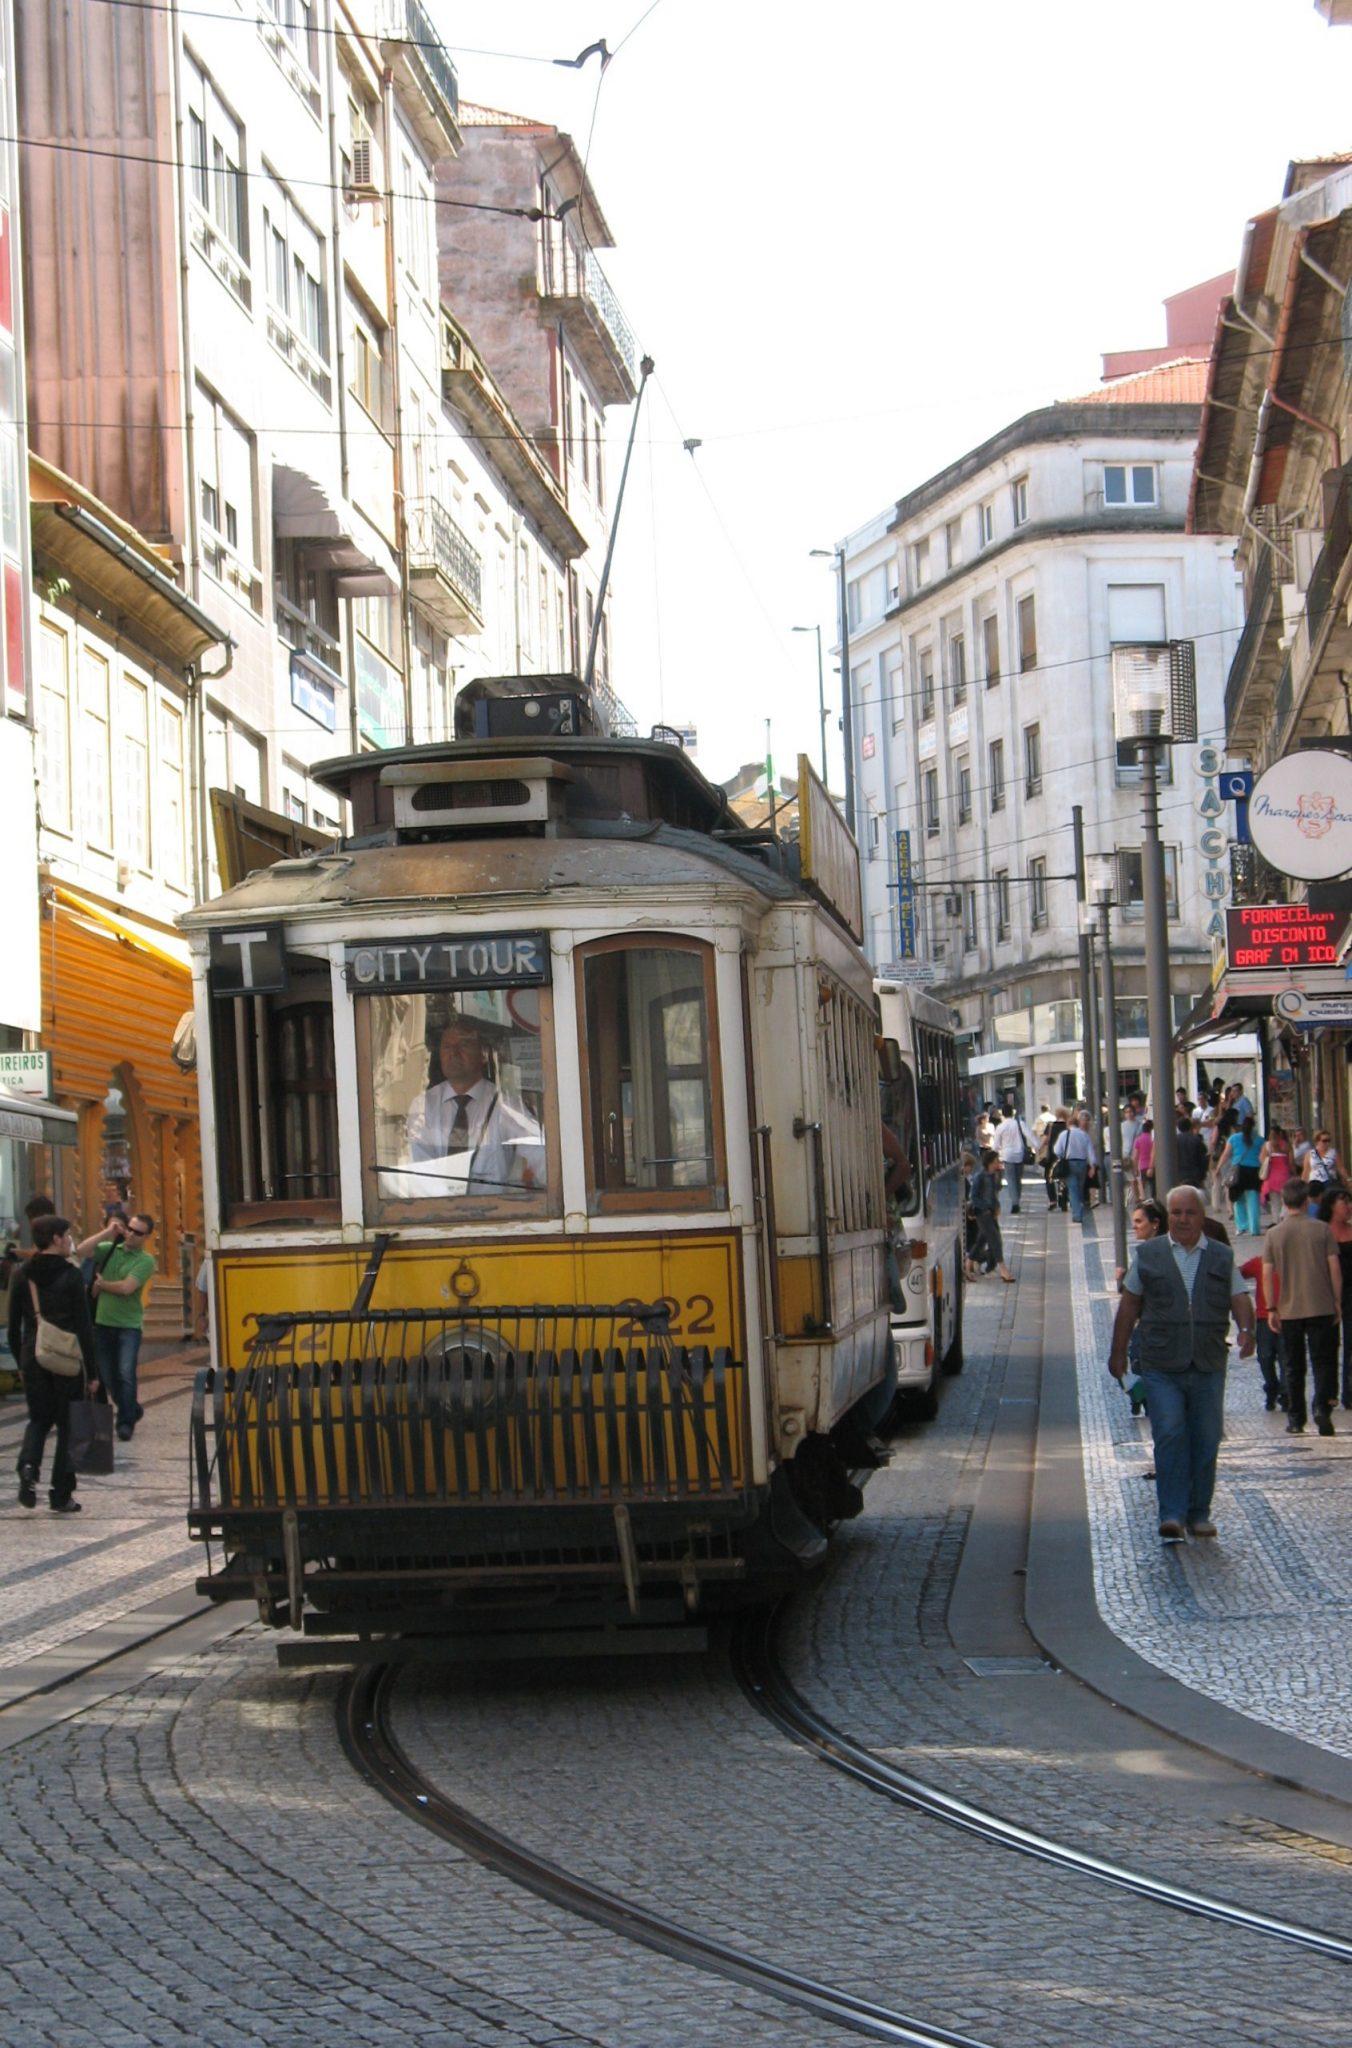 Bondinho da cidade do Porto.